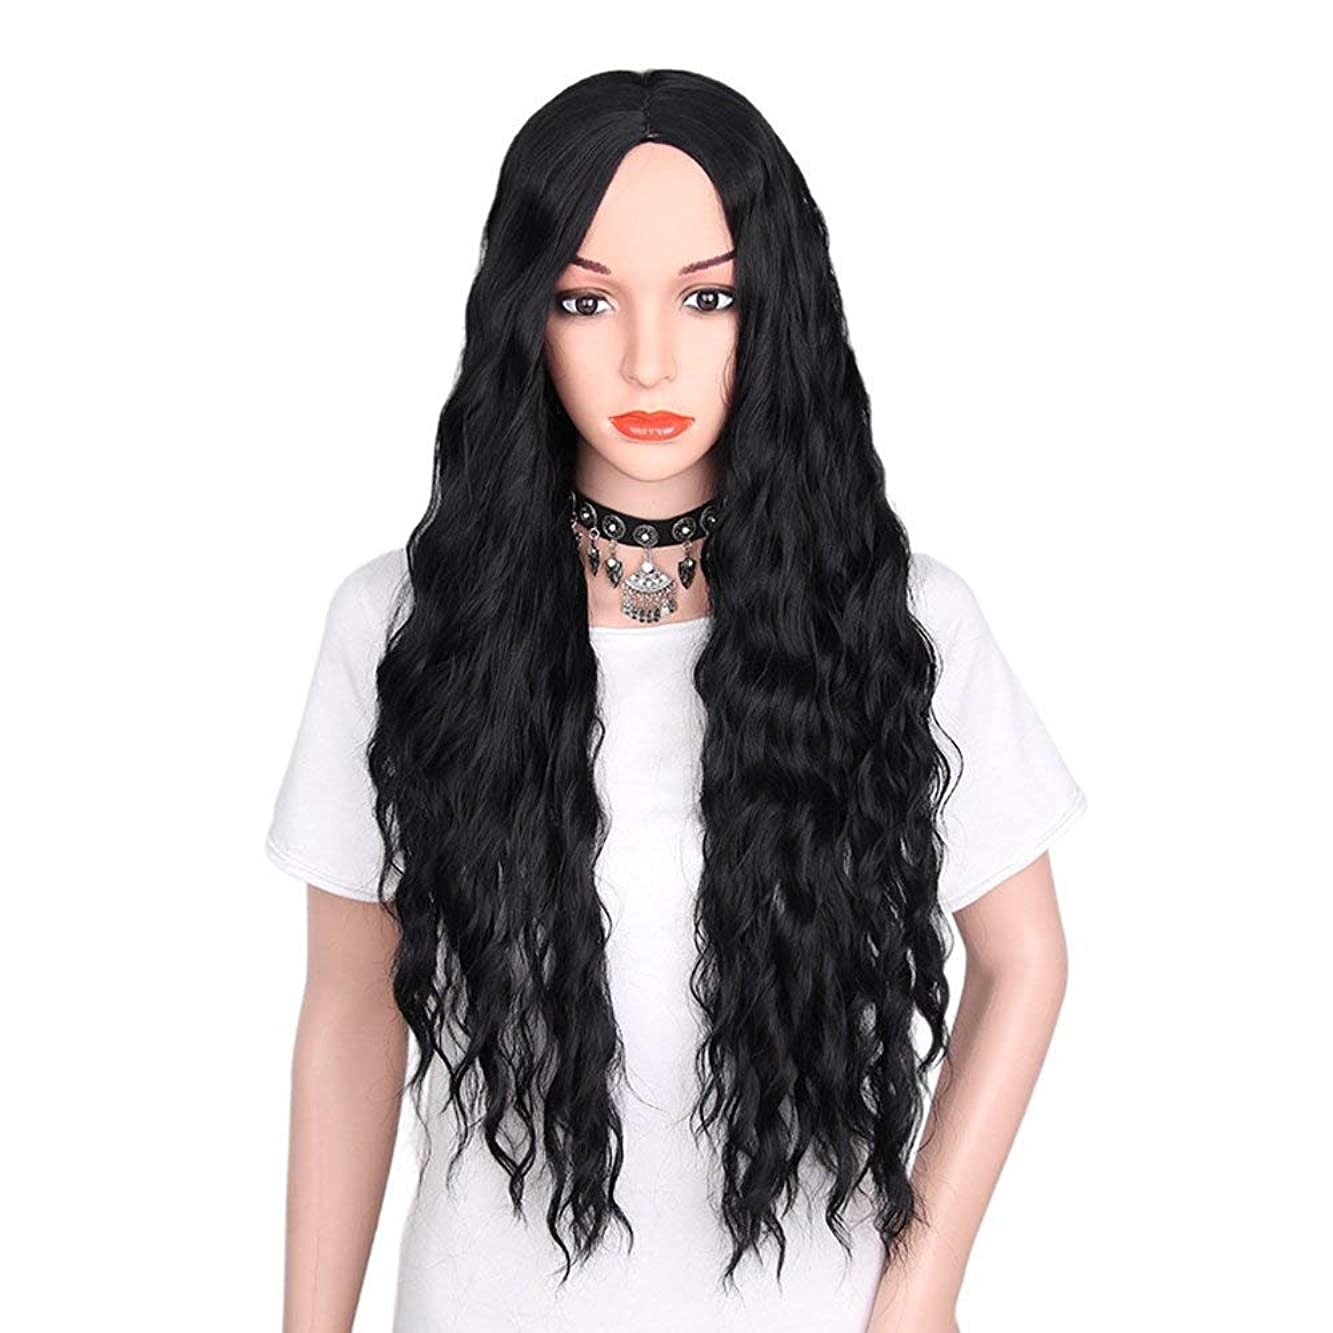 ショートカット廃棄するリクルート女性のためのかつらの長い巻き毛の自然な作られた合成耐熱かつら